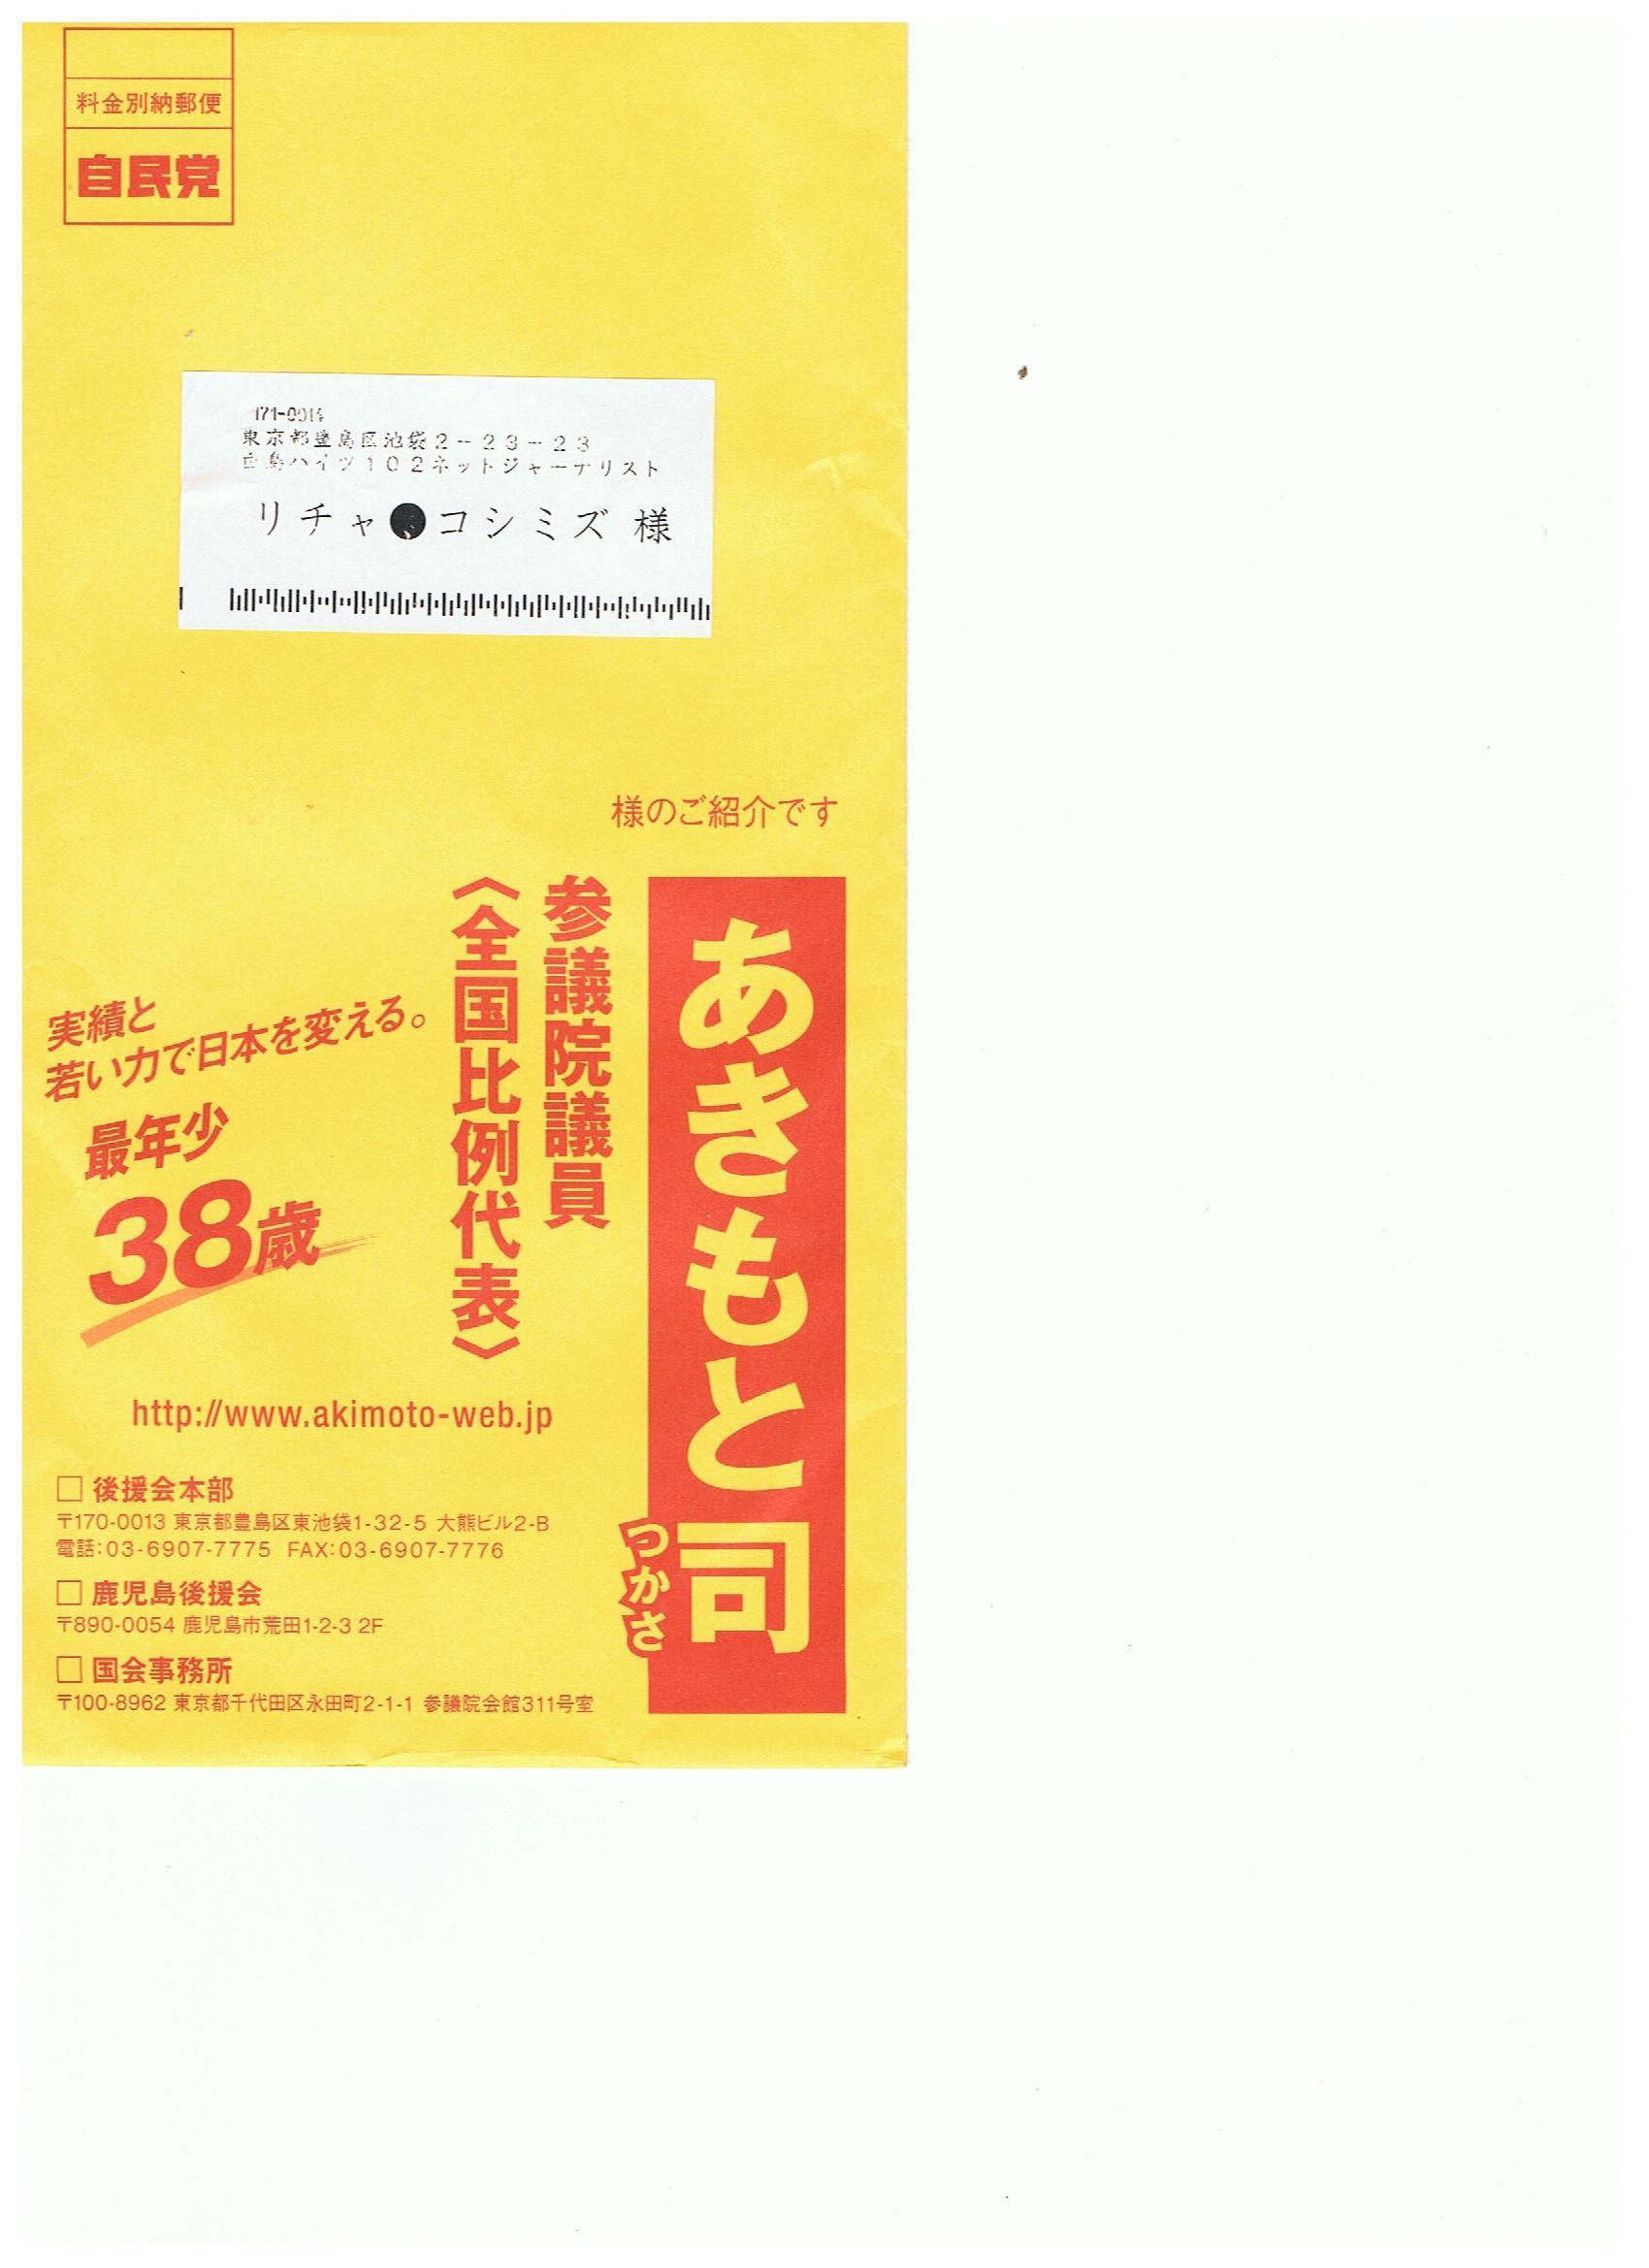 リチャード・コシミズ改名 → リチャ黒丸コシミズ